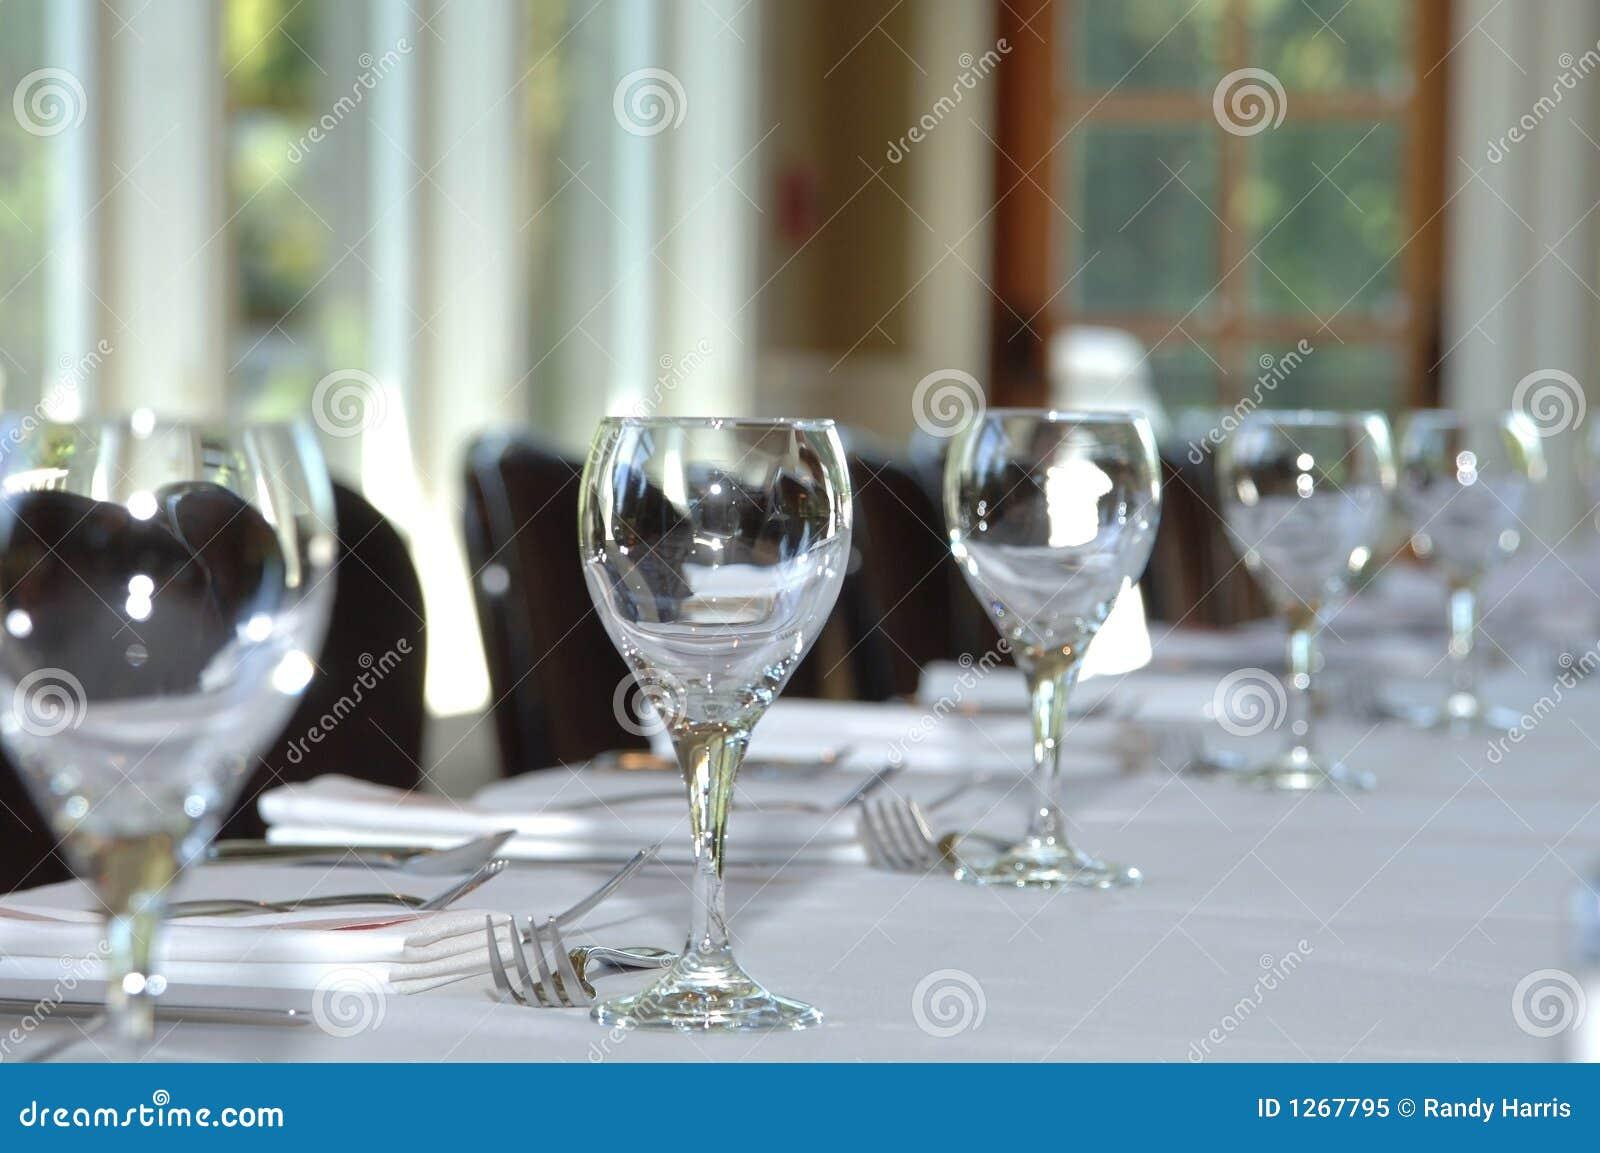 Tabelleneinstellung an der Hochzeit